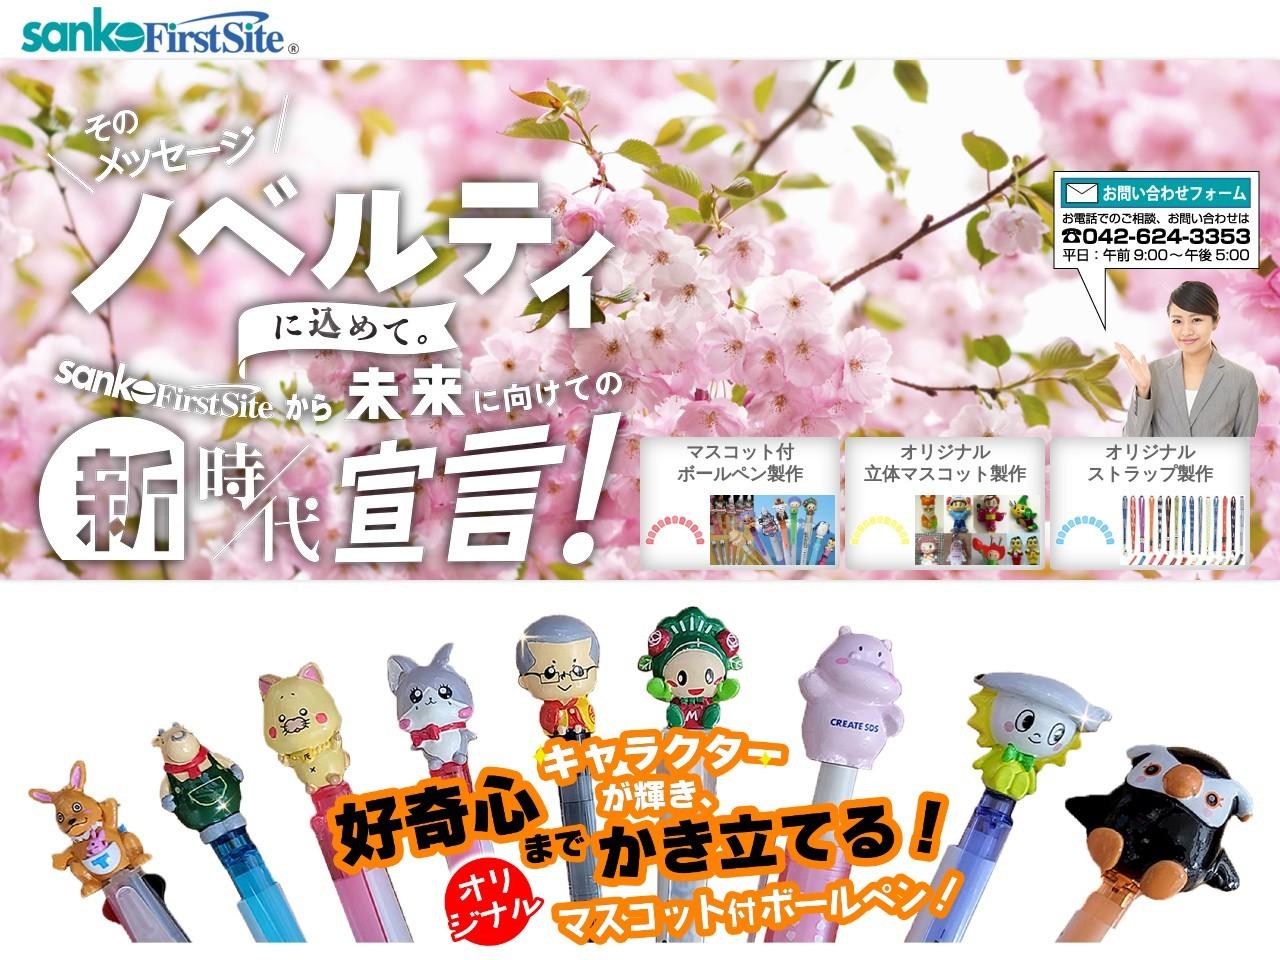 ノベルティ・販促品・名入れ・オリジナル携帯ストラップ作成・広告宣伝用品 Sanko First Site